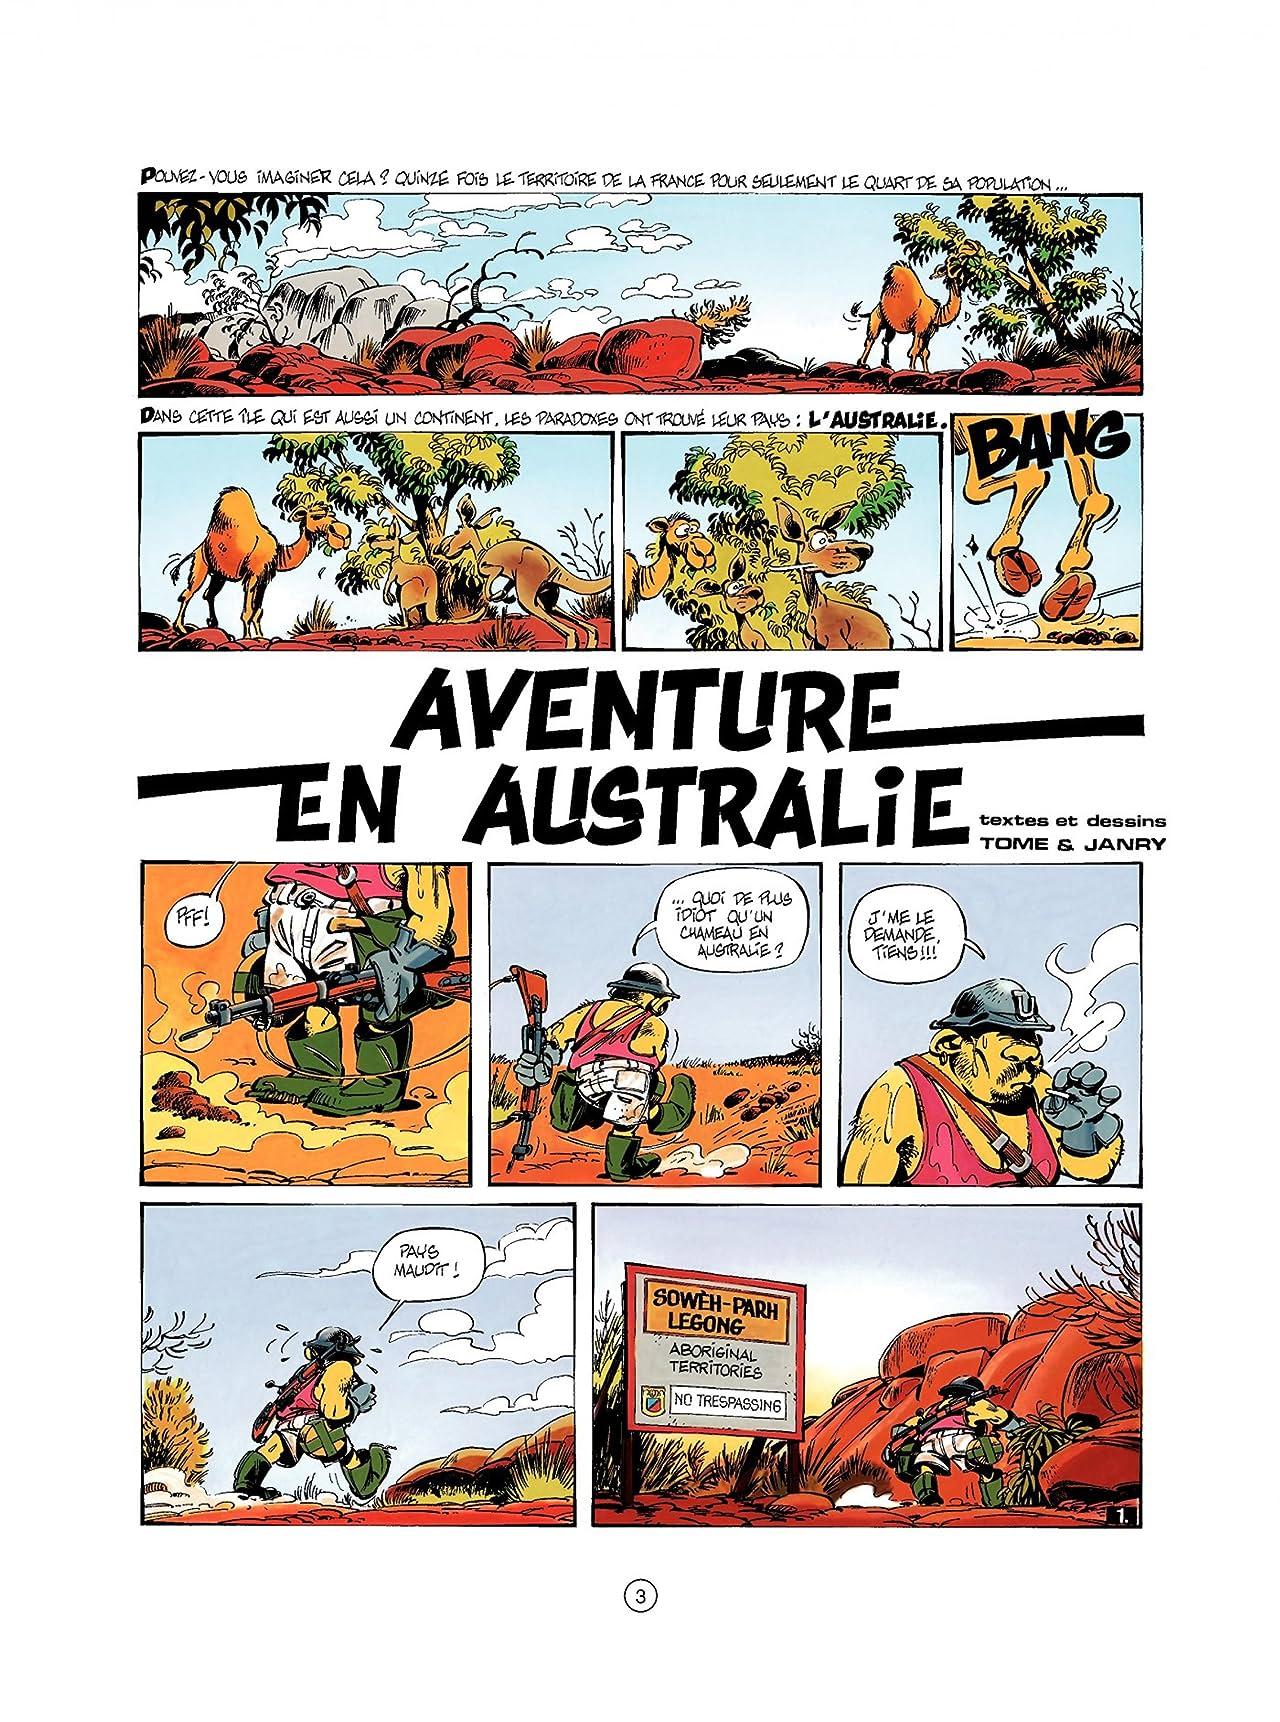 Spirou et Fantasio Vol. 34: AVENTURE EN AUSTRALIE